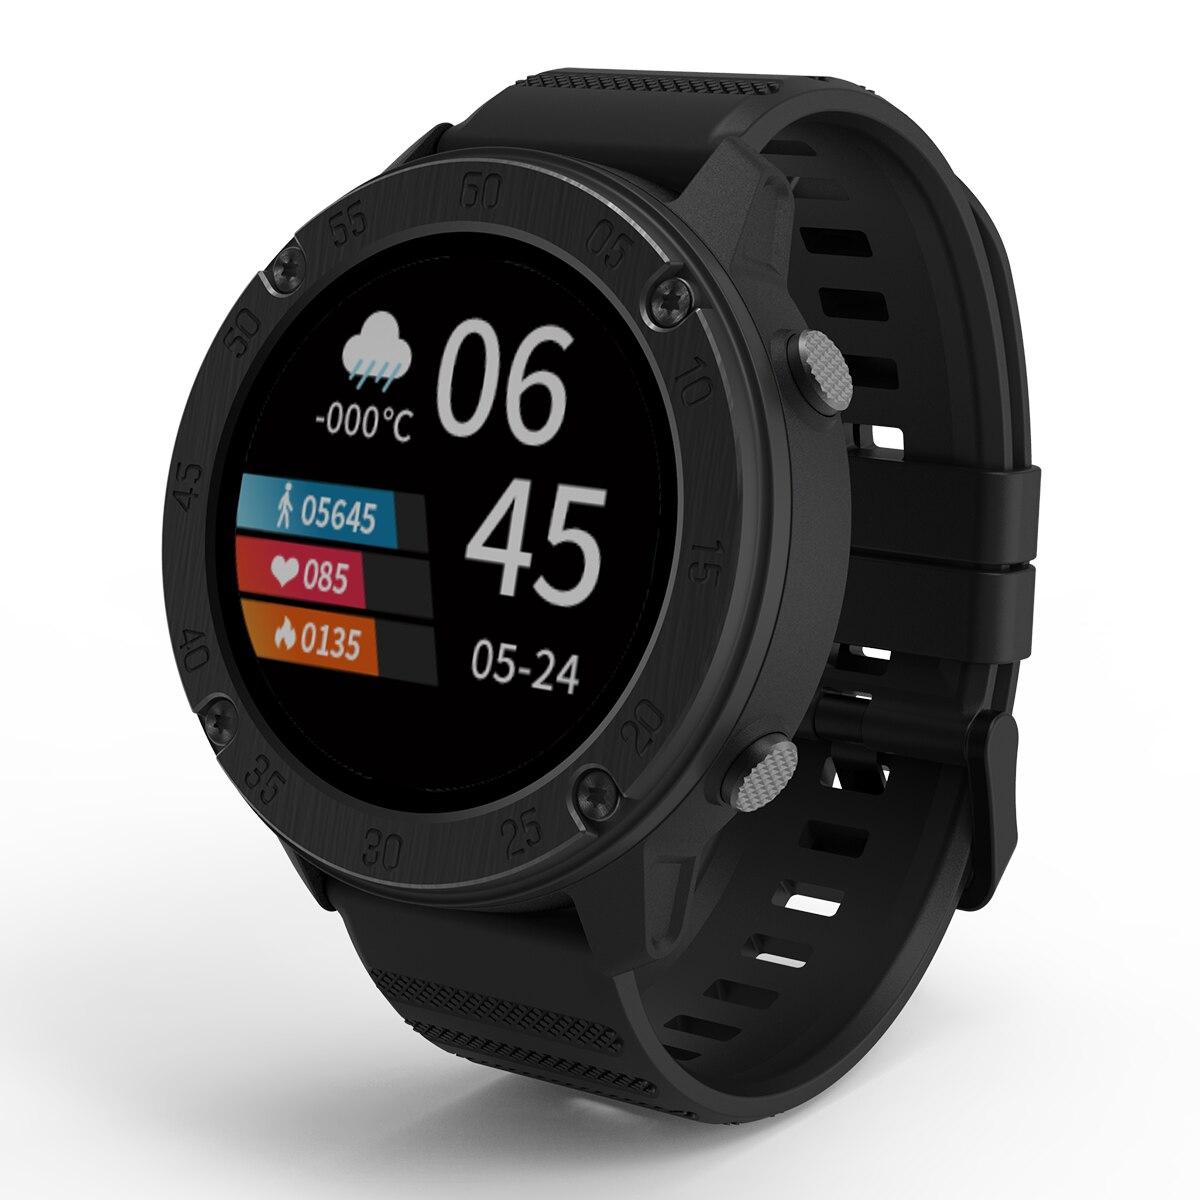 Blackview X5 SmartWatch IP68 مقاوم للماء معدل ضربات القلب الرجال النساء 9 ساعة رياضية النوم/جهاز تعقب للياقة البدنية للهاتف IOS و أندرويد